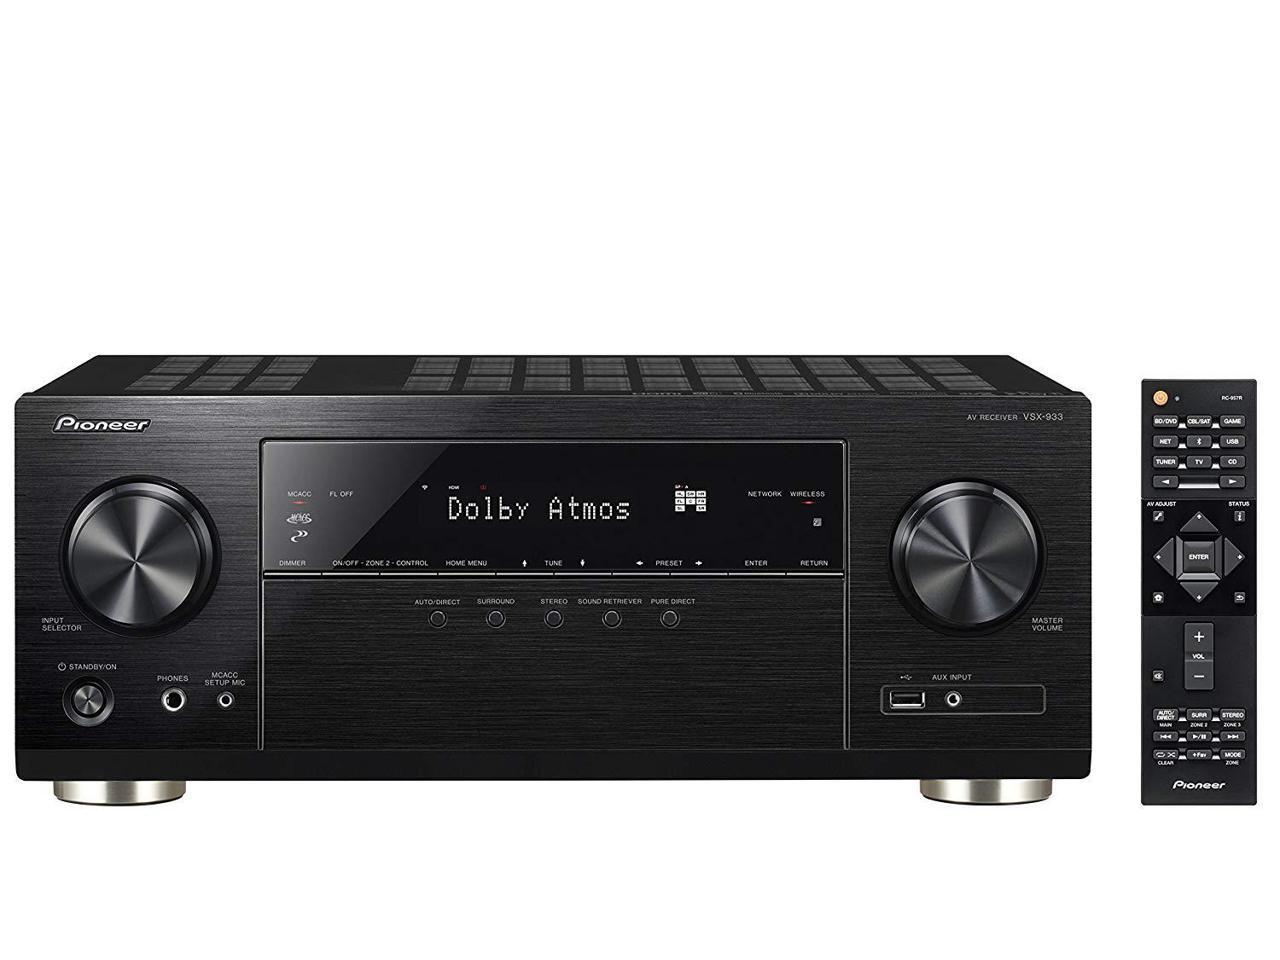 Pioneer VSX-933 7 2-Channel A/V Receiver - Slickdeals net